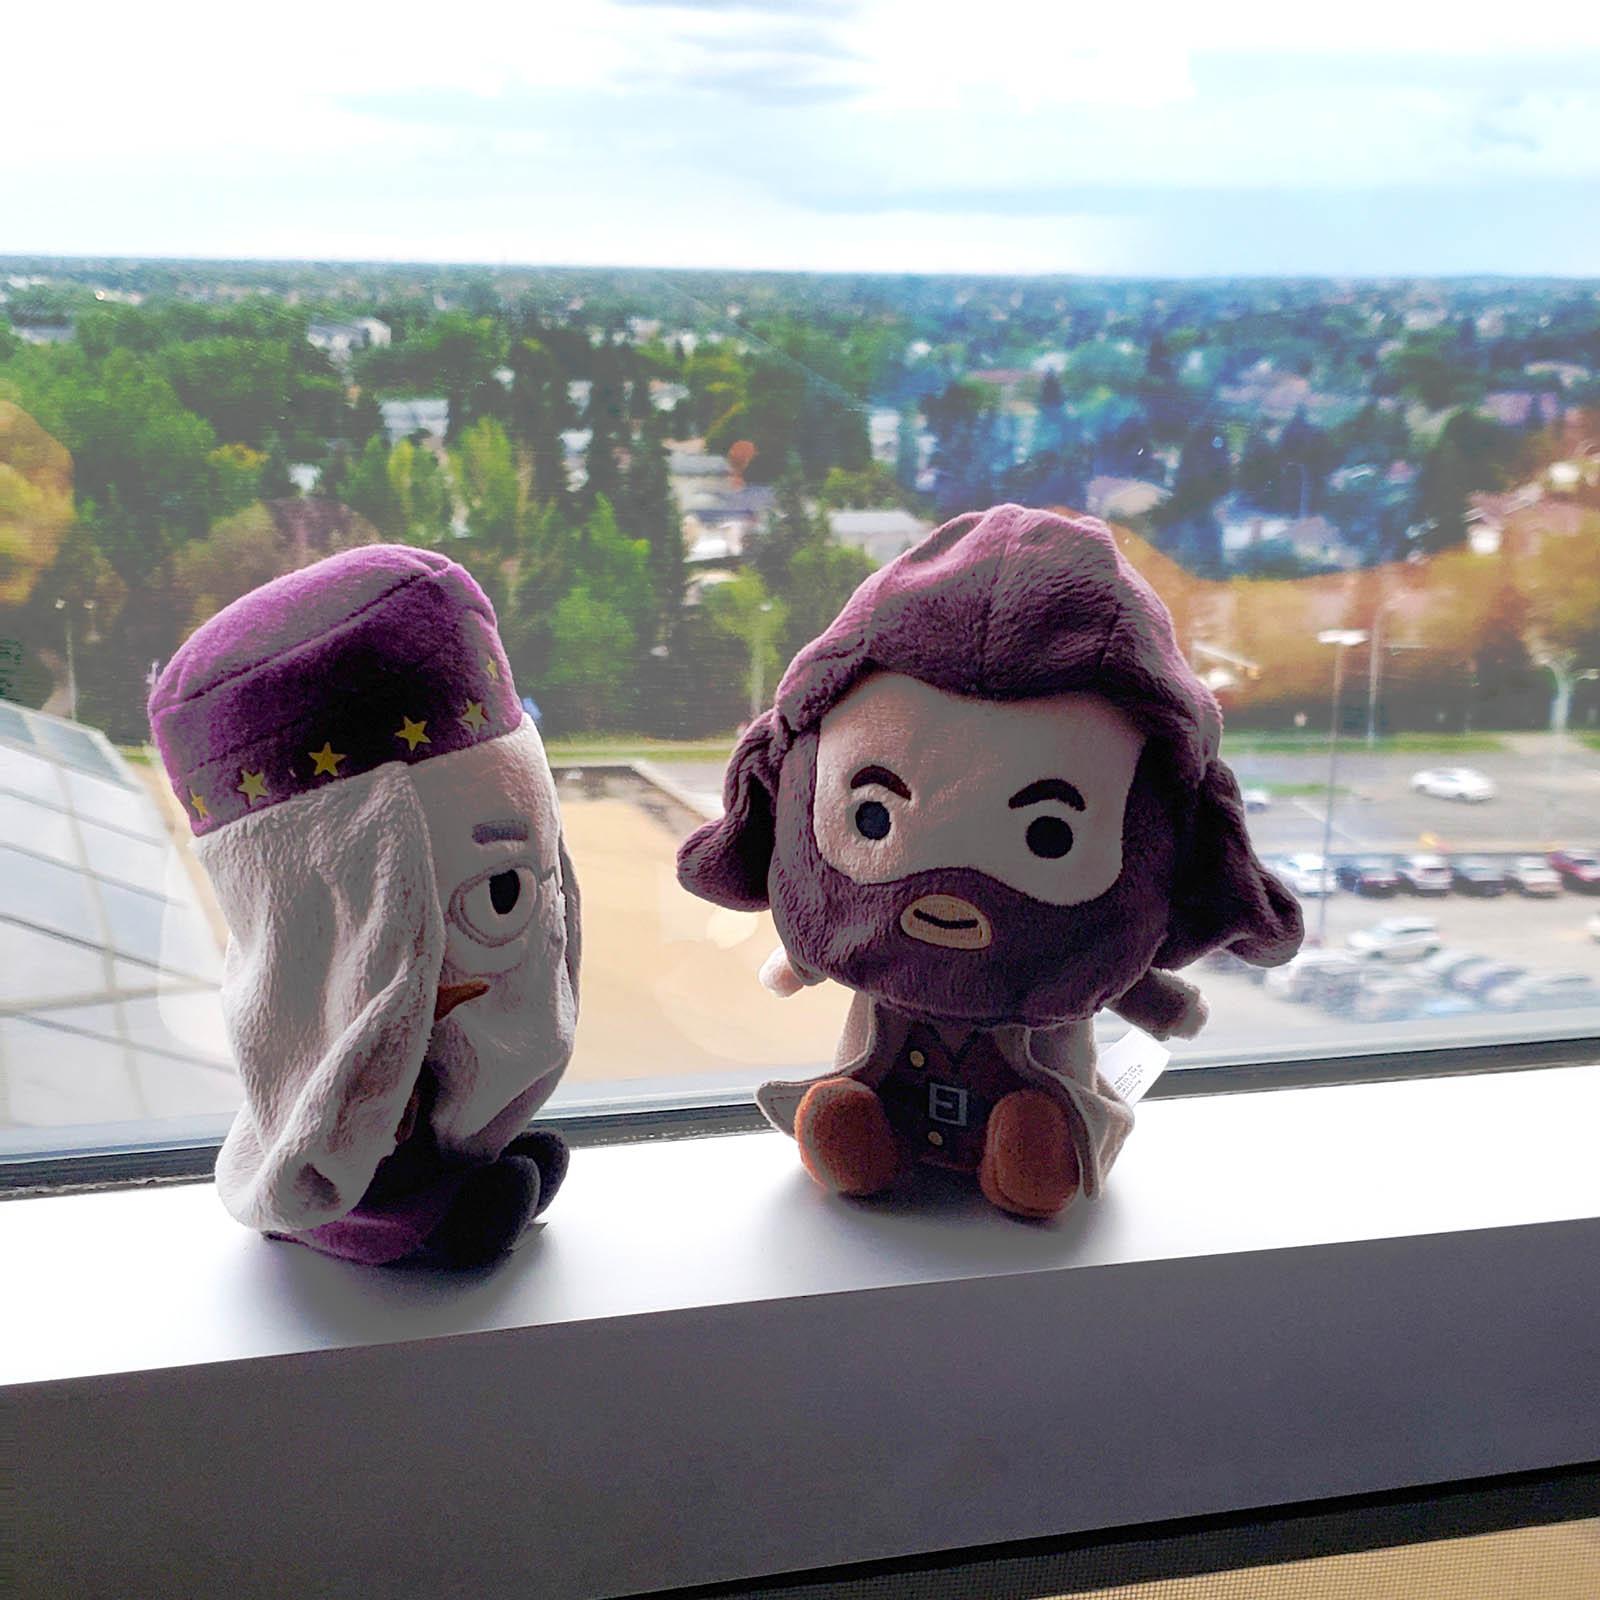 Dumbledore and Hagrid enjoying the Edmonton skyline from the Fantasyland Hotel.